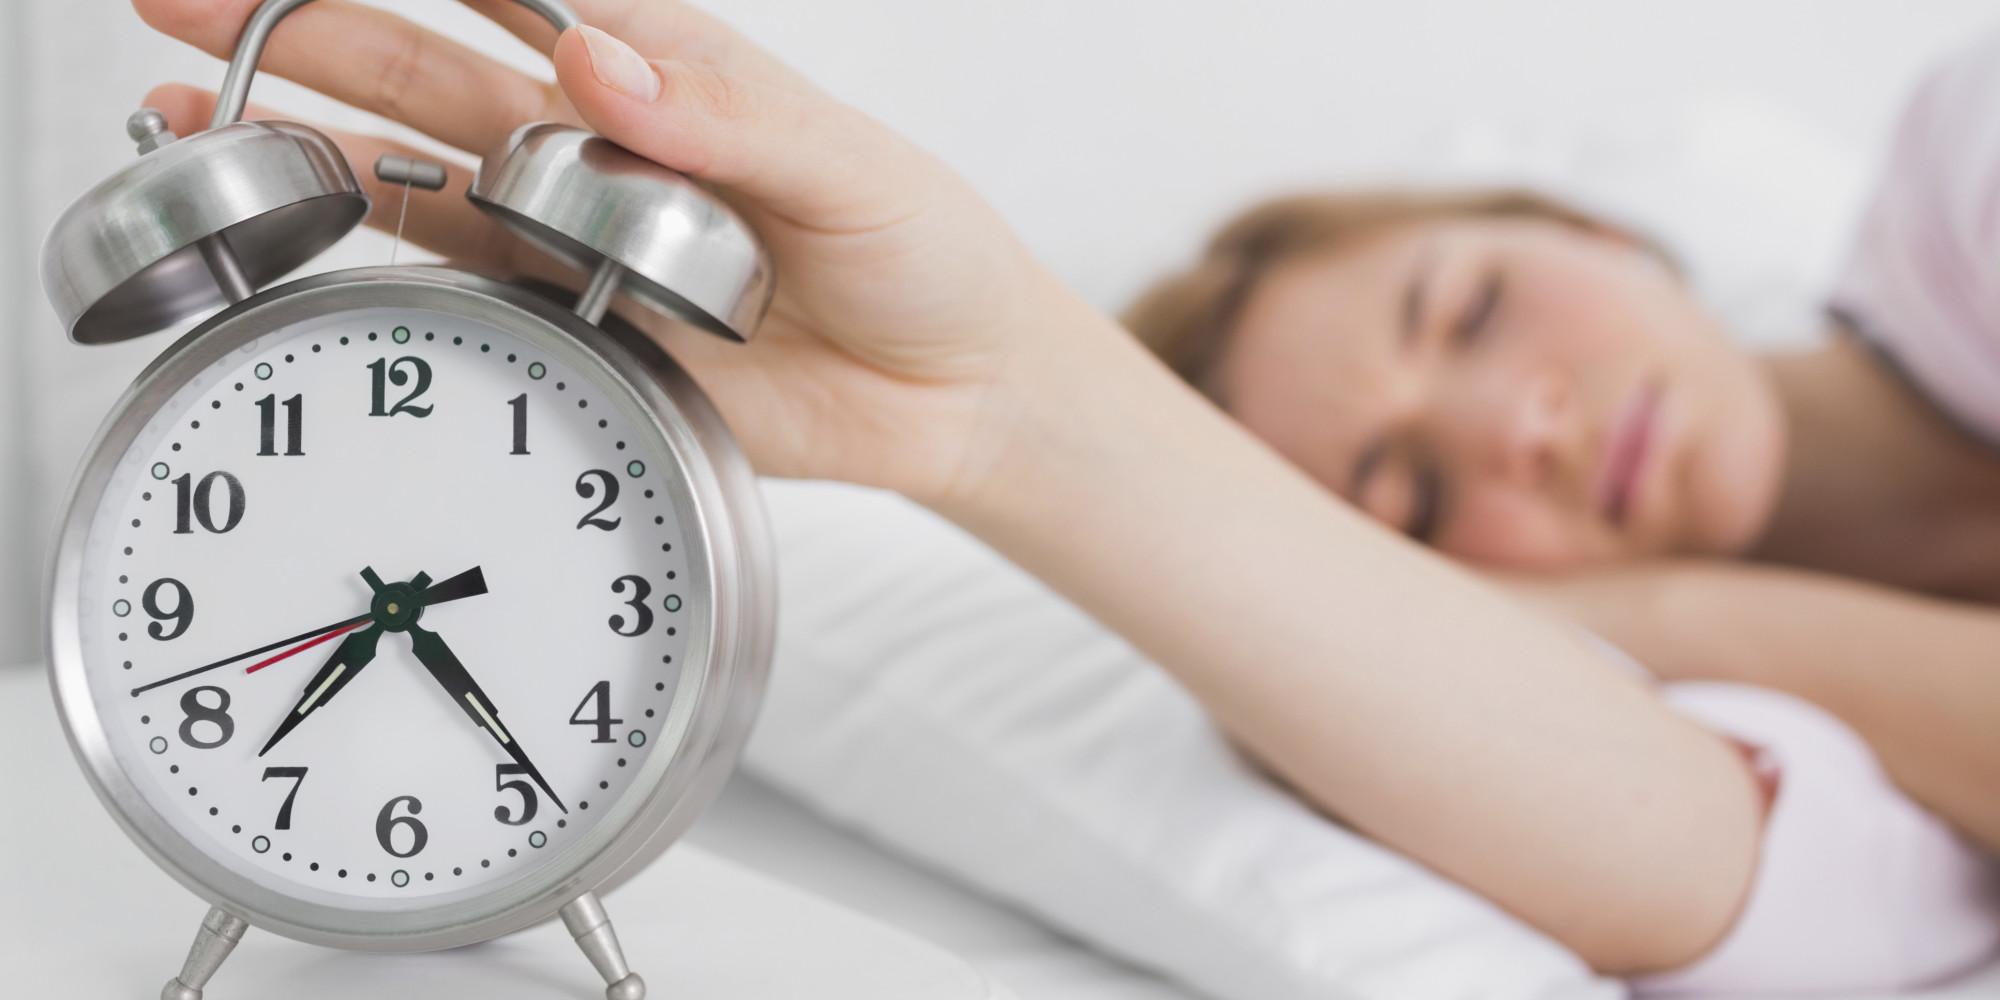 perierga.gr - Ο ακατάστατος ύπνος του Σαββατοκύριακου βλάπτει σοβαρά την υγεία!